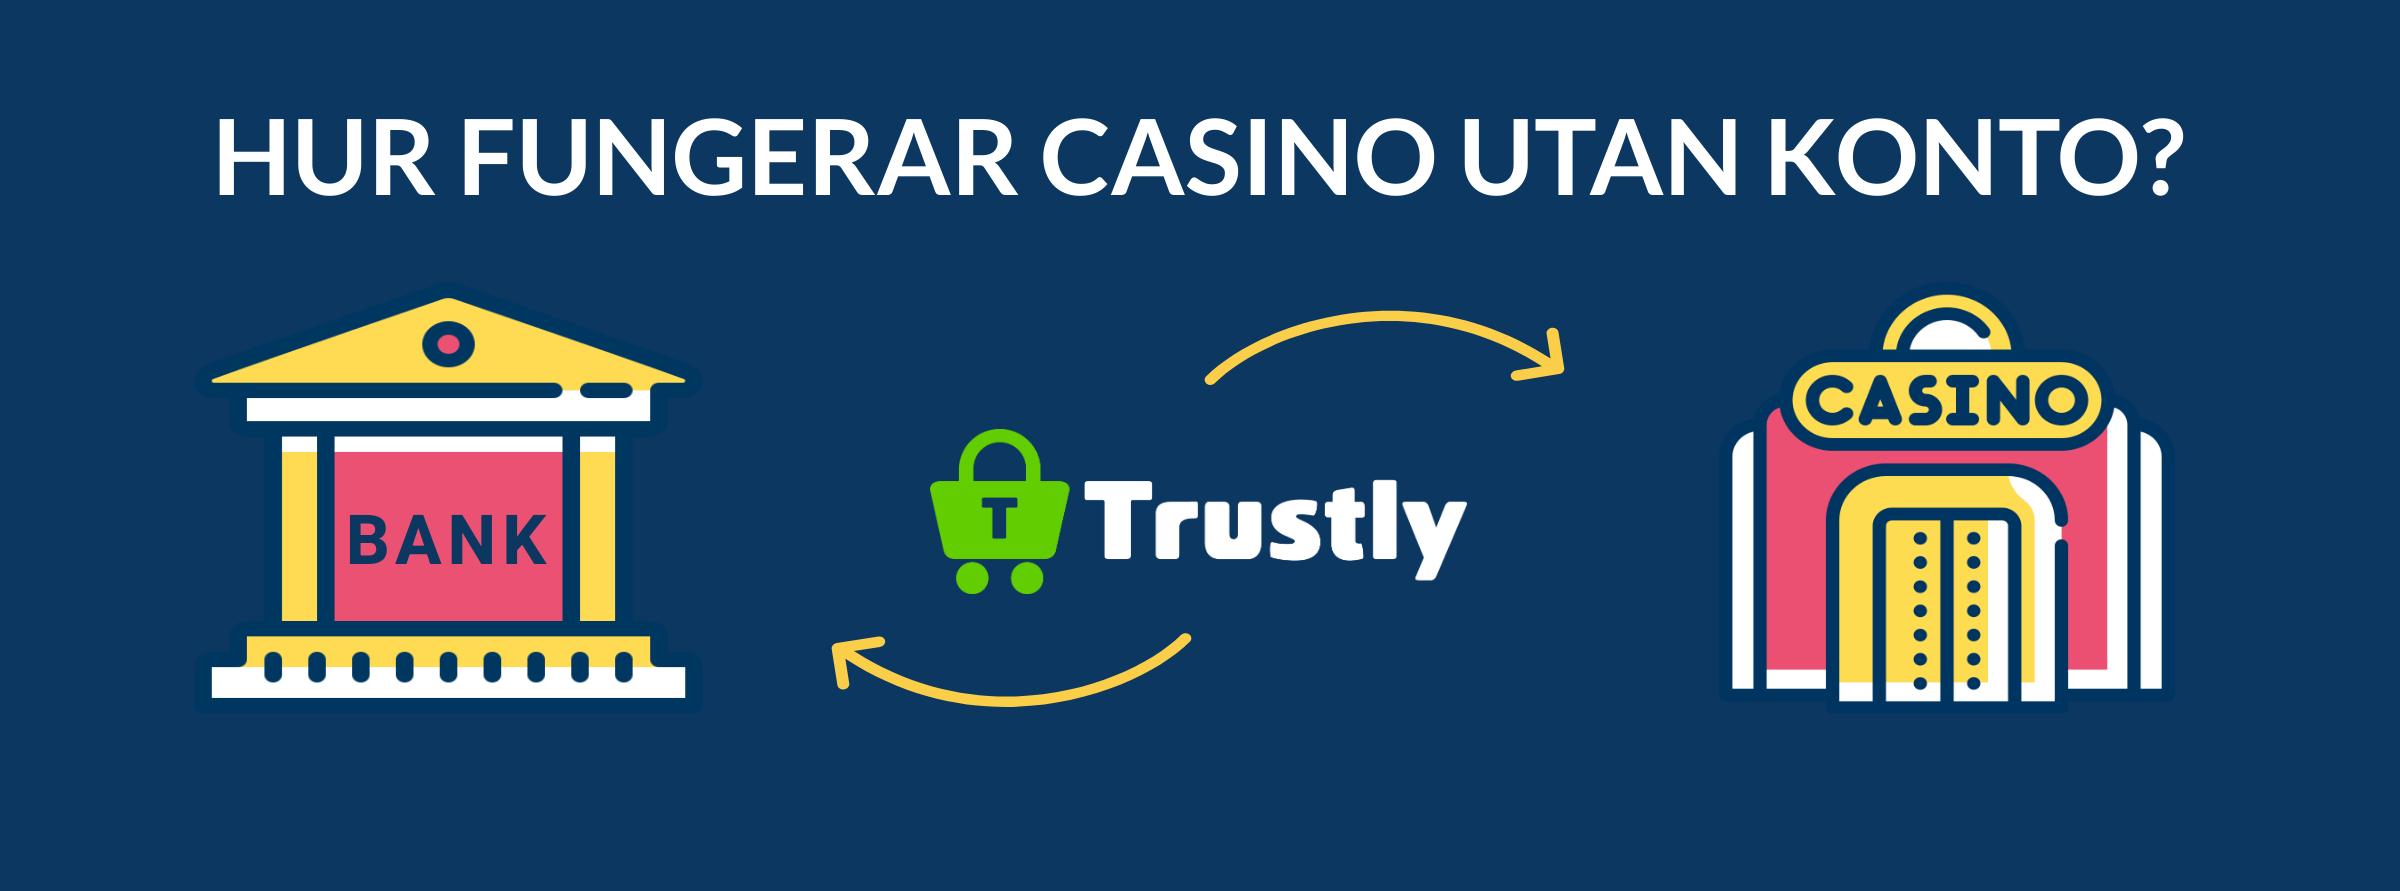 Live casino utan 30424